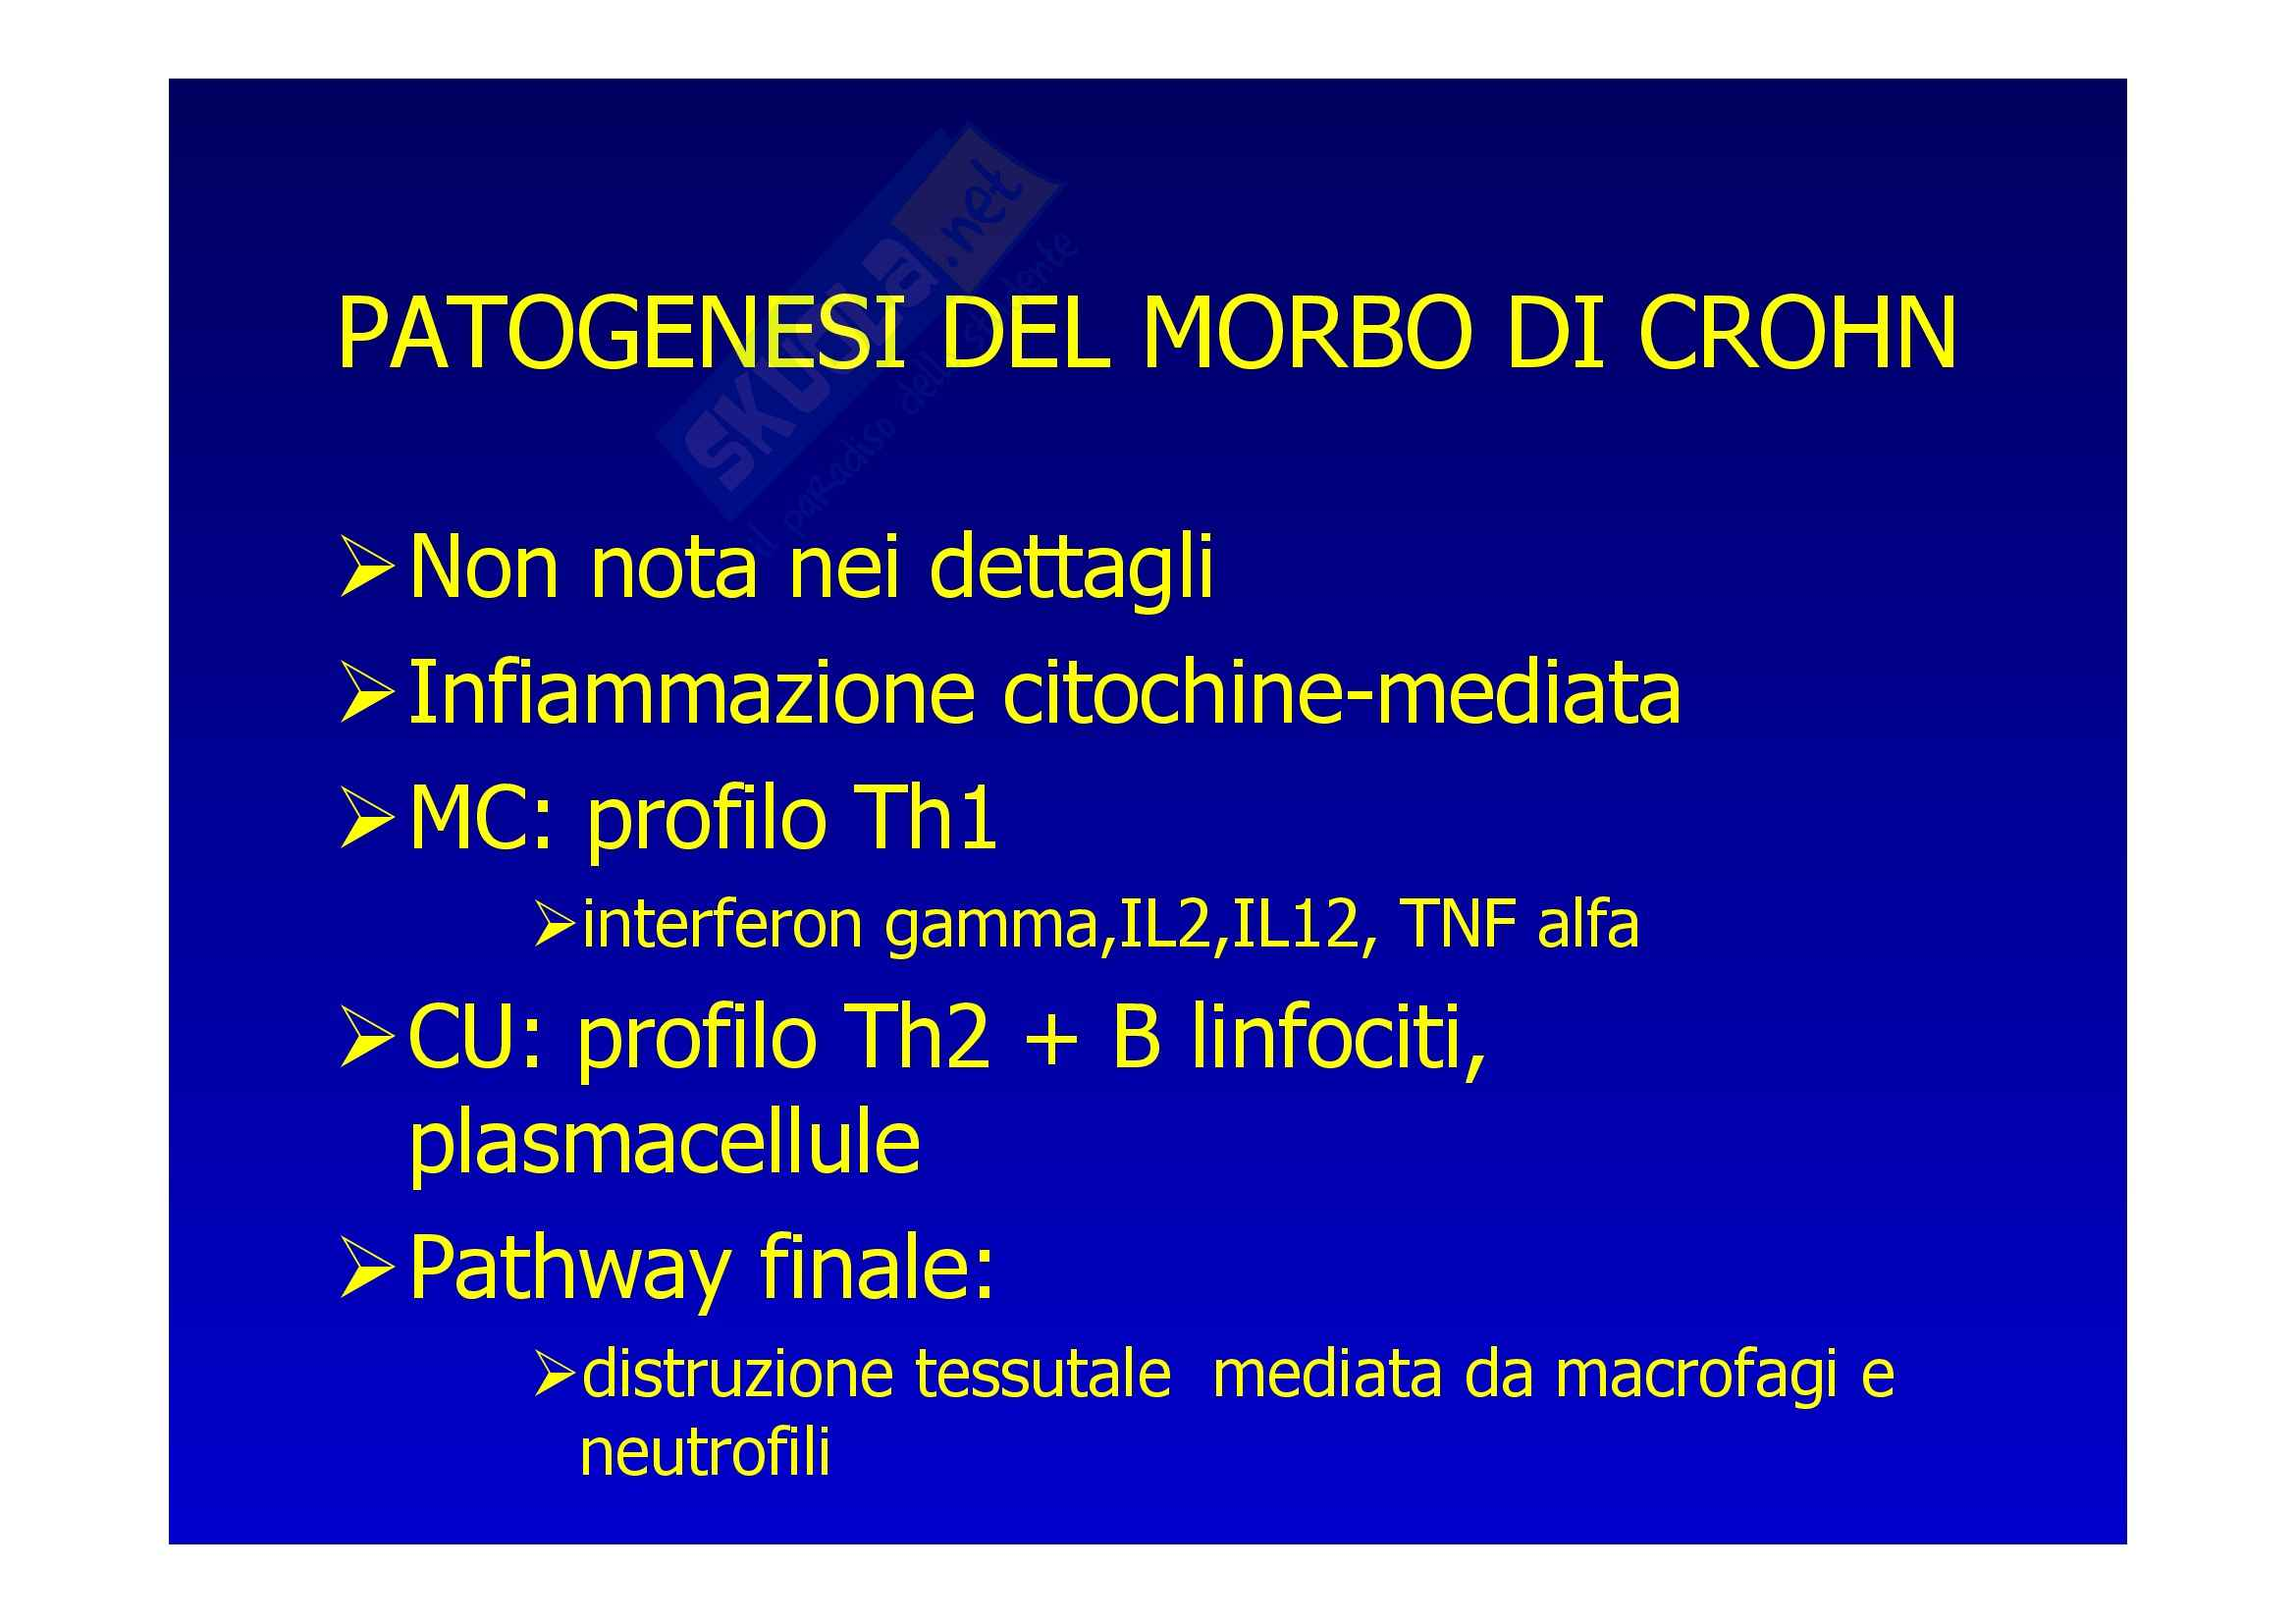 Chirurgia generale - morbo di Crohn Pag. 21